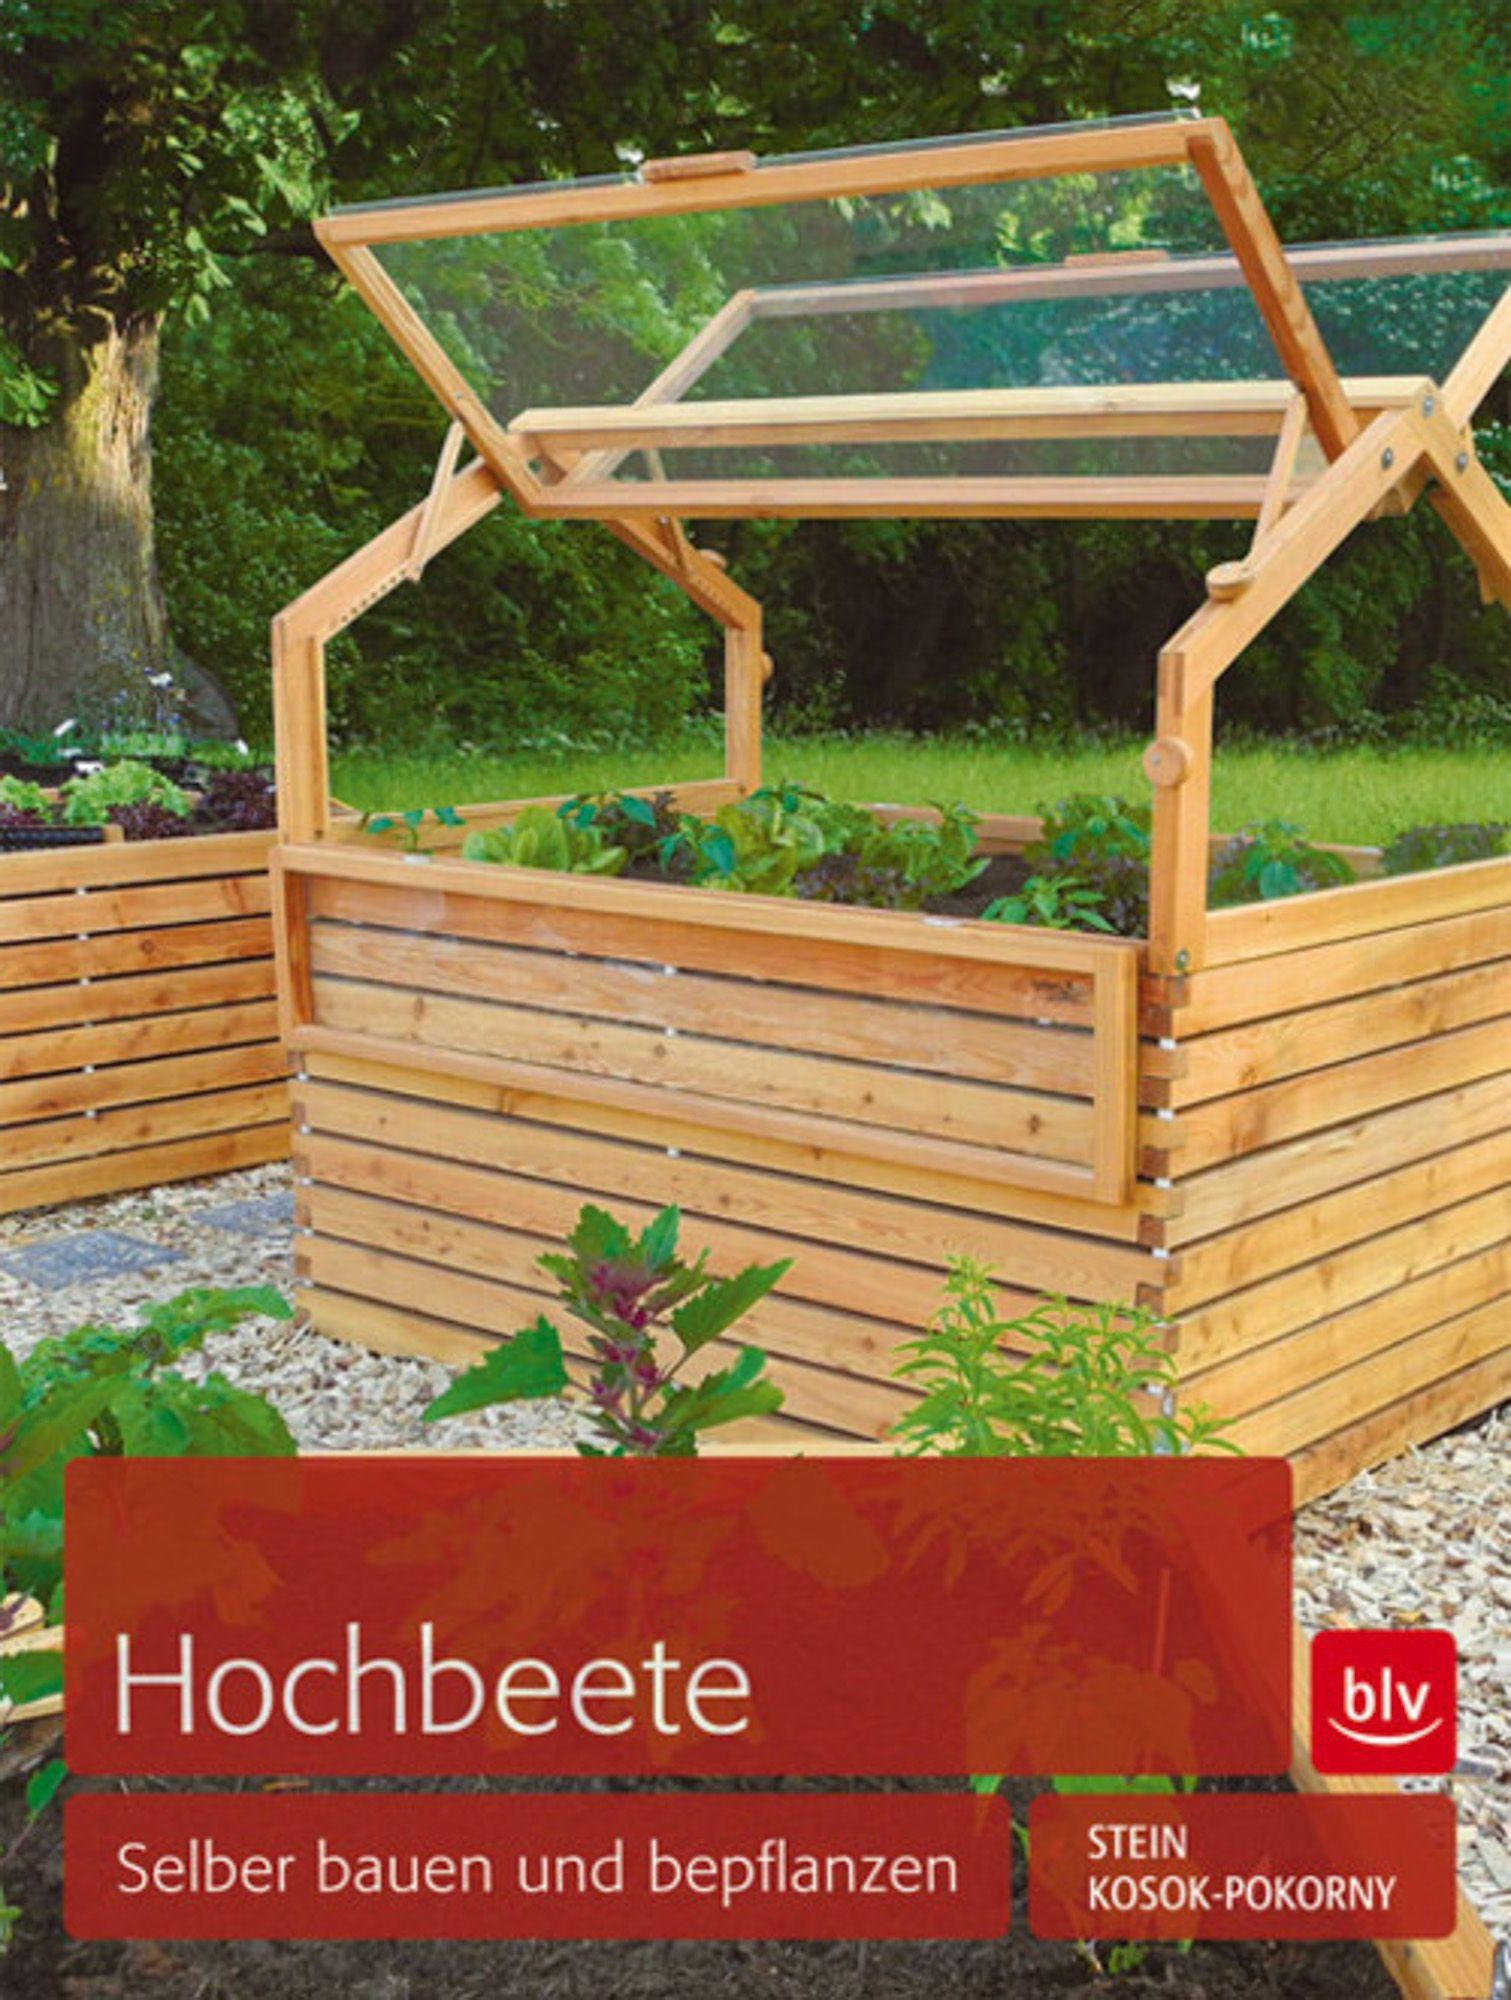 Hochbeet 180x120 Mit Fruhbeet Kombiniert In 2020 Hochbeet Hochbeet Selber Bauen Garten Hochbeet